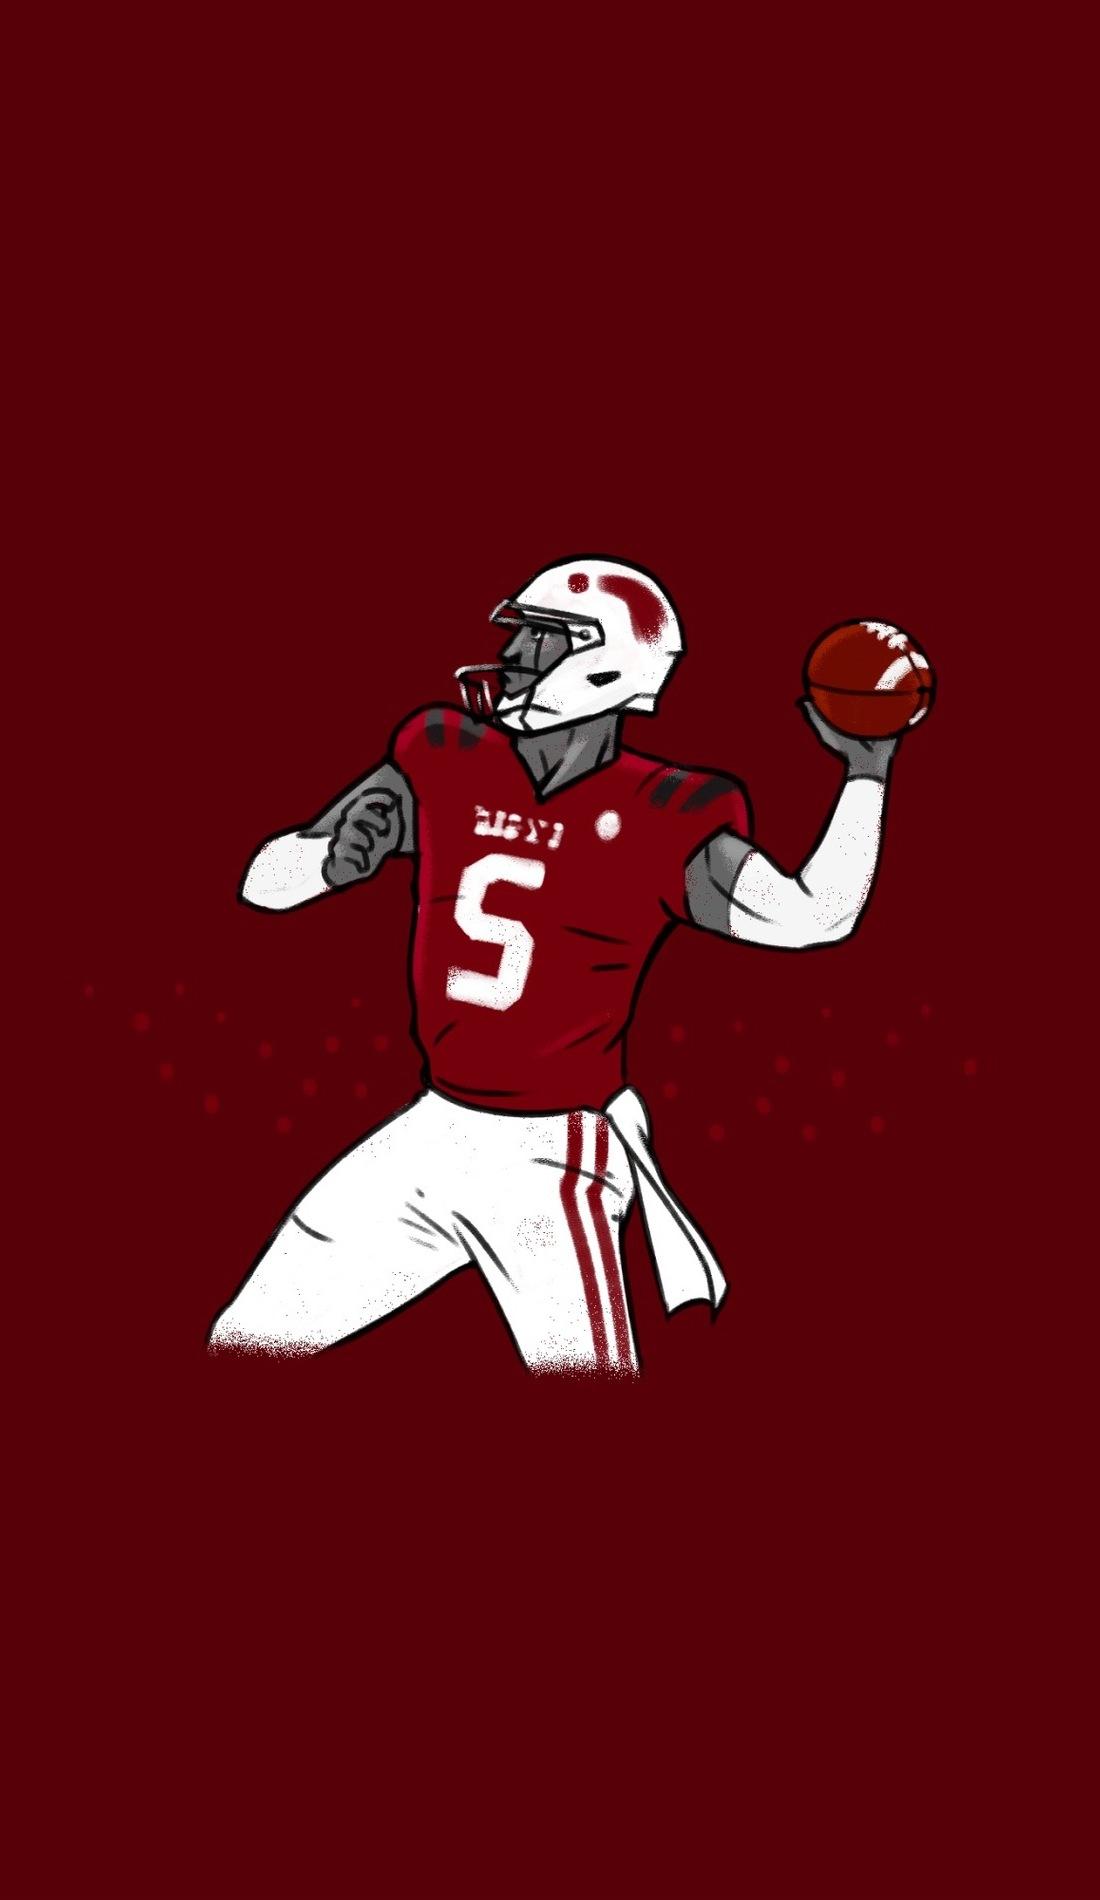 A South Carolina Gamecocks Football live event